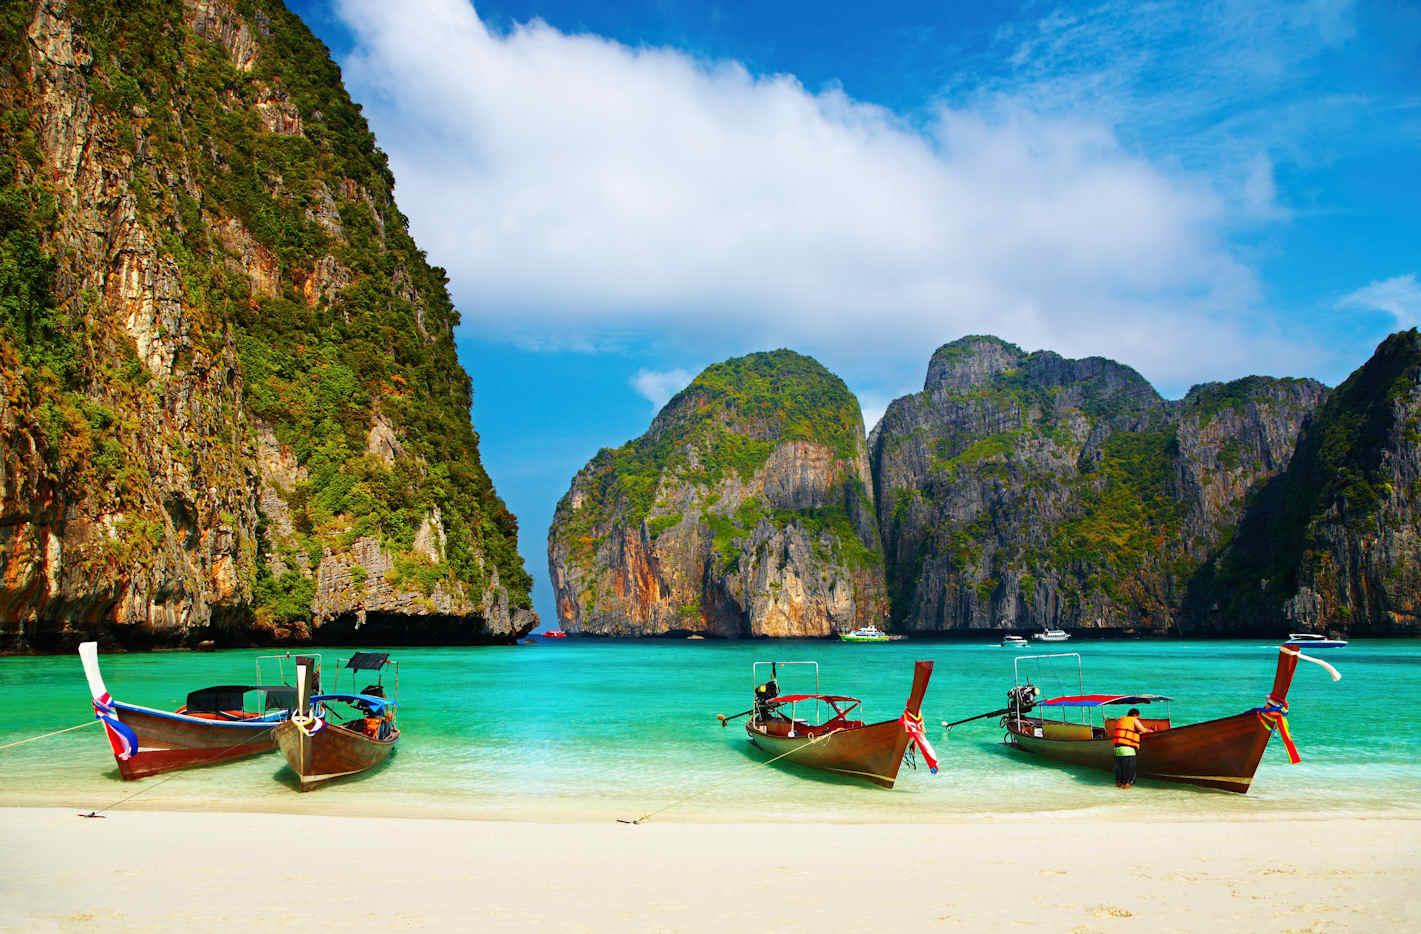 intimmassage bilder thai singles